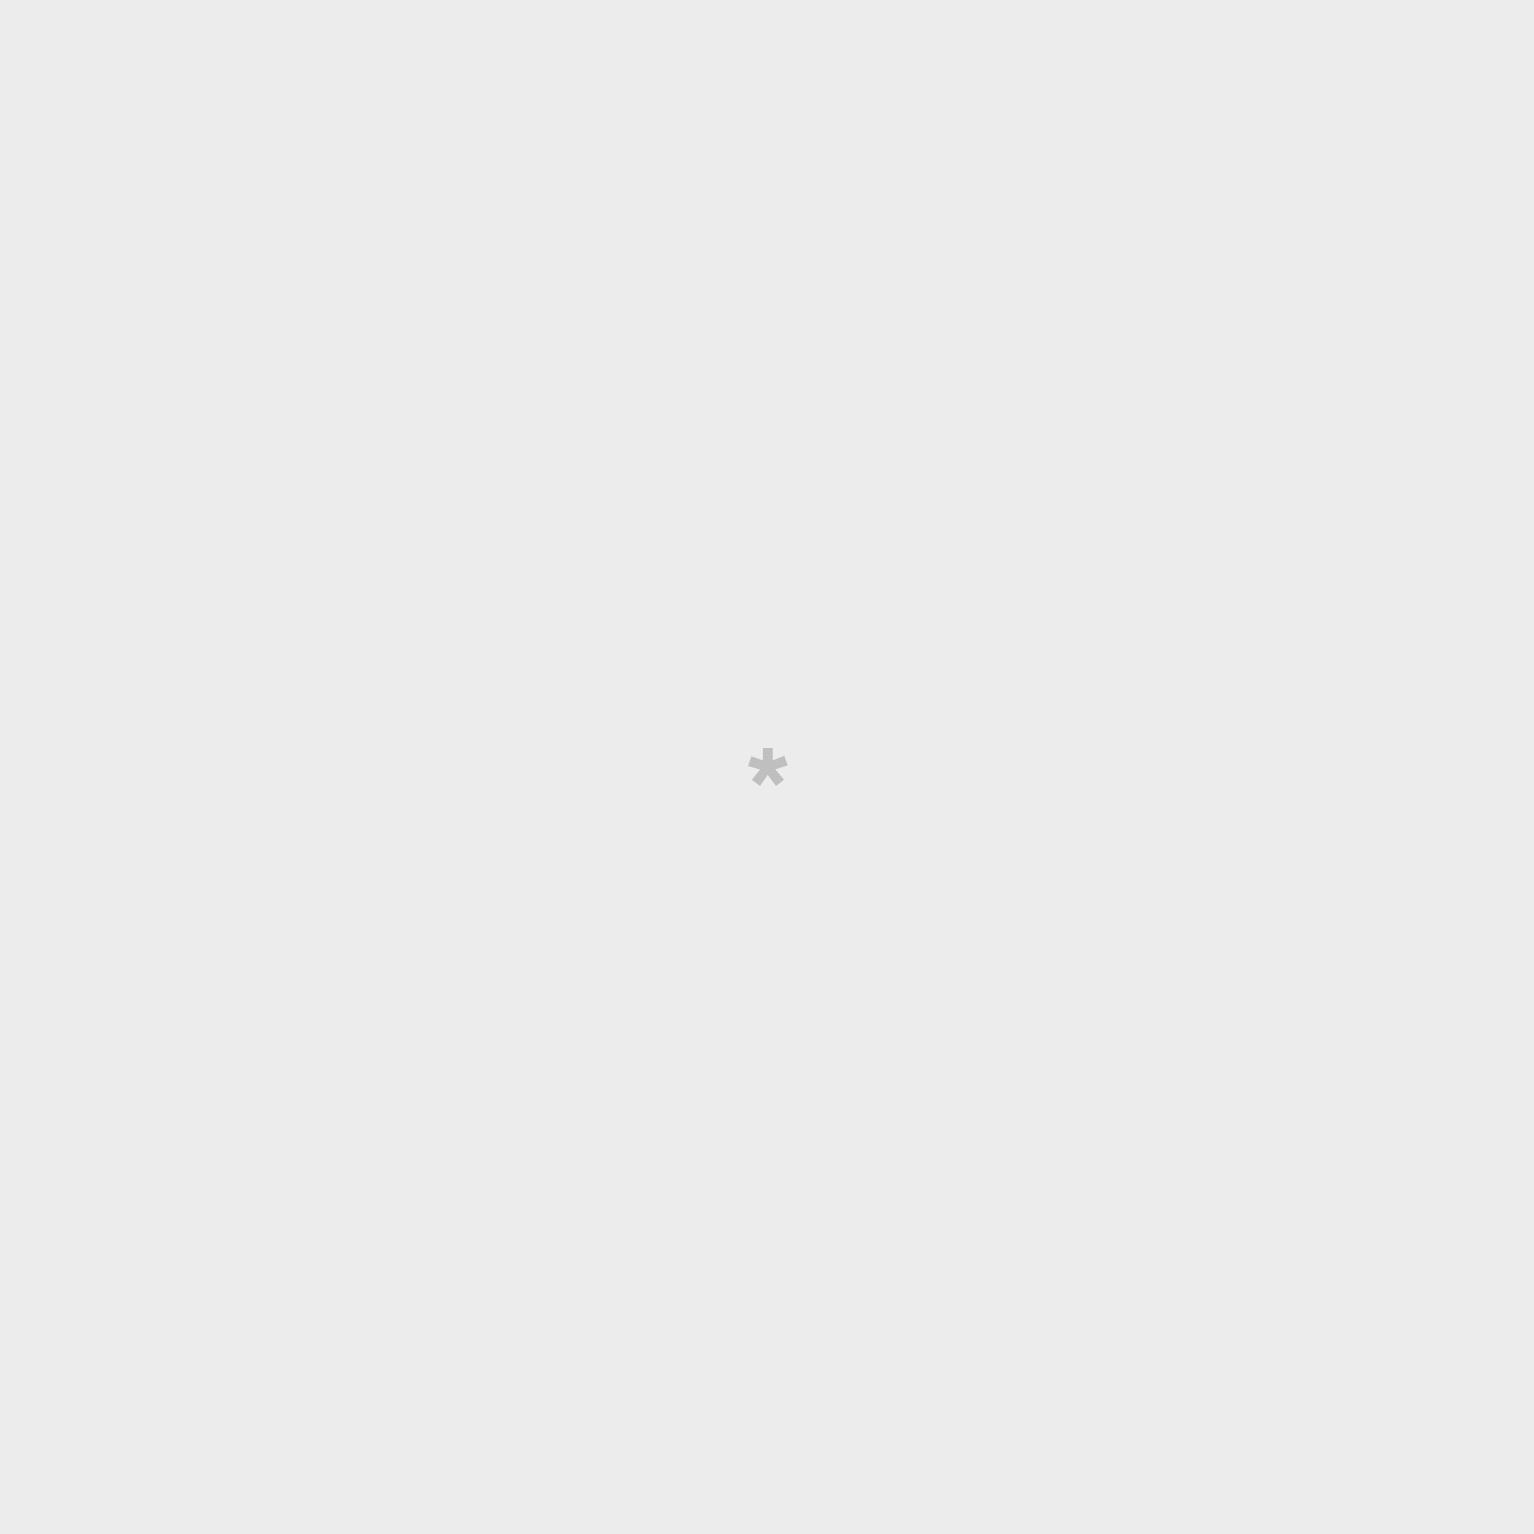 Agenda clásica 2021-2022 Día por página - Todo lo bueno que me espera